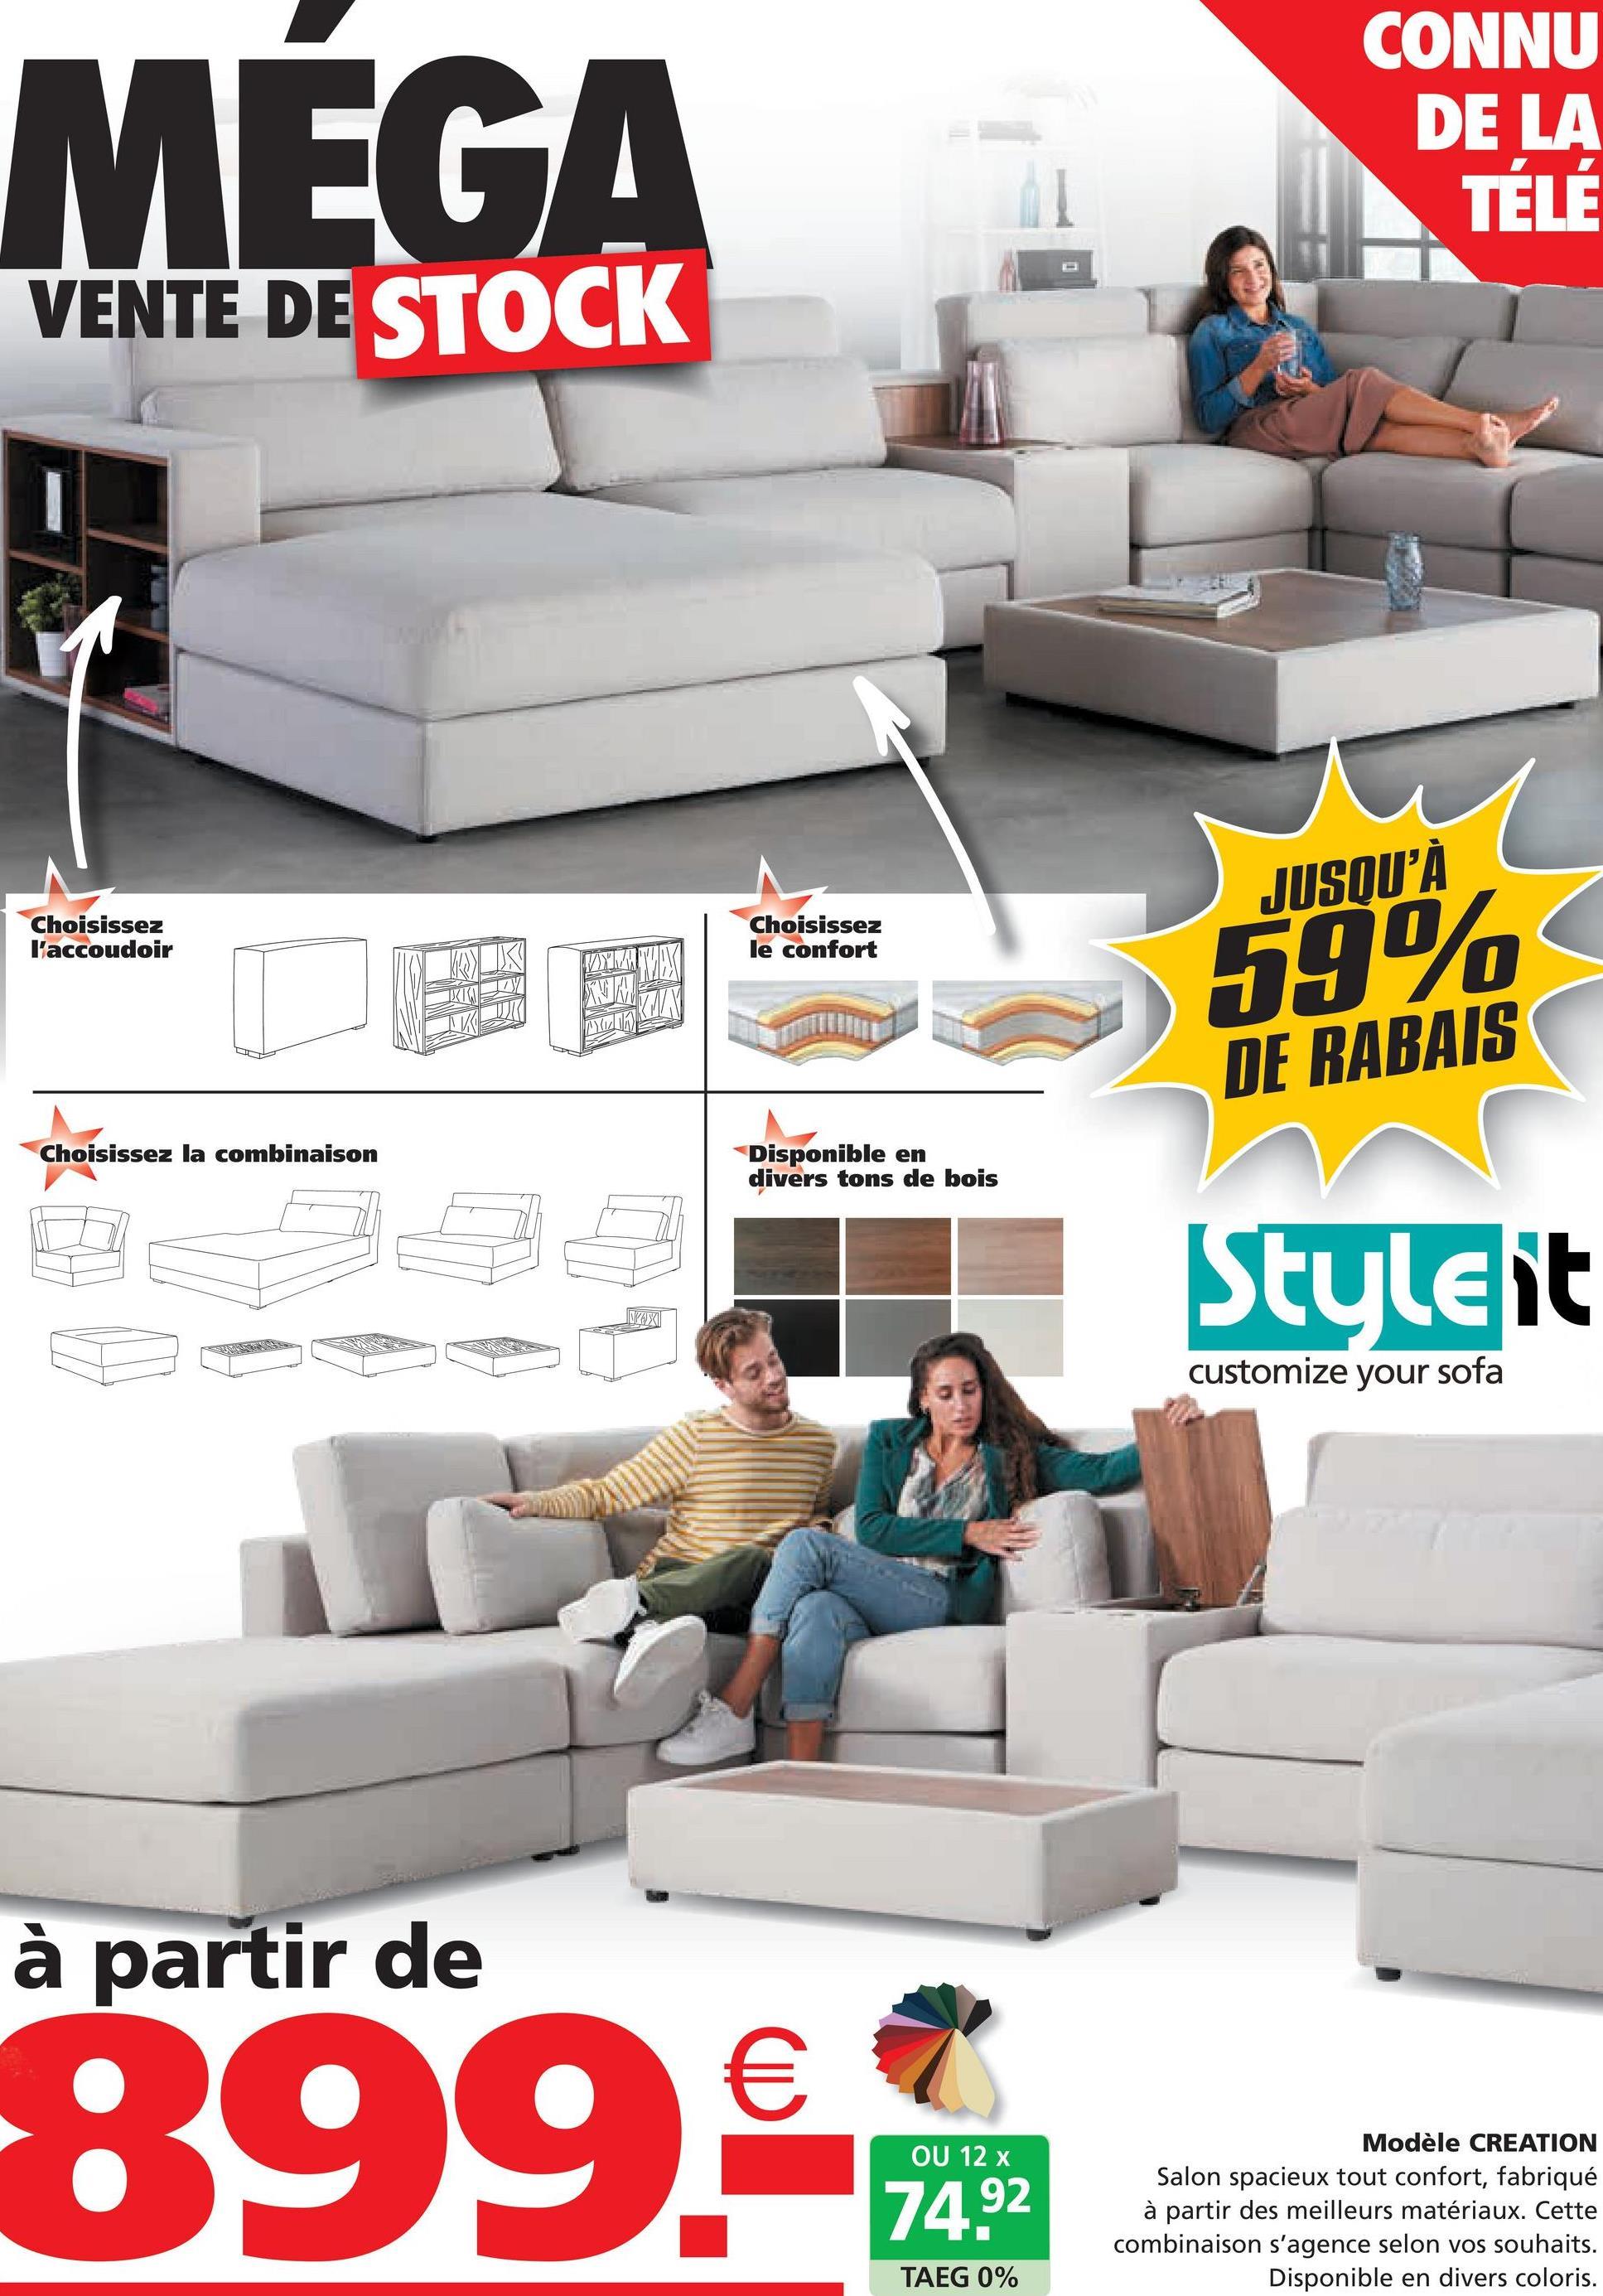 MEGA CONNU DE LA TELÉ VENTE DE STOCK 2 Choisissez l'accoudoir Choisissez le confort VYHAVEX JUSQU'À 59% DE RABAIS RTV un Choisissez la combinaison Disponible en divers tons de bois Style it INOX customize your sofa à partir de € 899. OU 12 x 74.92 Modèle CREATION Salon spacieux tout confort, fabriqué à partir des meilleurs matériaux. Cette combinaison s'agence selon vos souhaits. Disponible en divers coloris. TAEG 0%